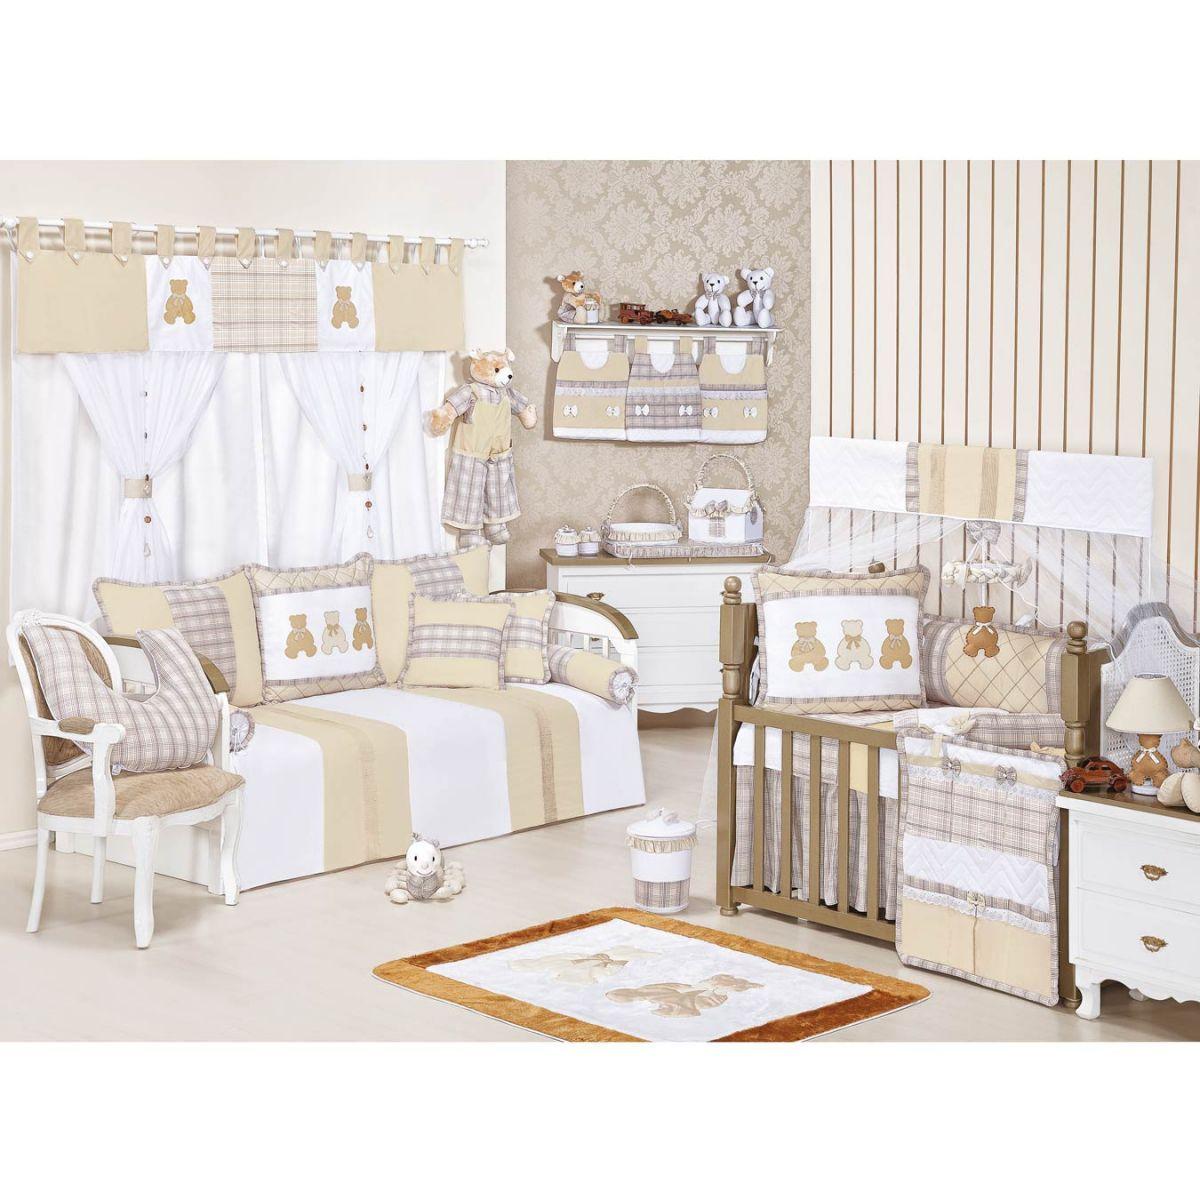 Lixeira Enfeitada para Quarto Bebê Coleção Bears - Caqui